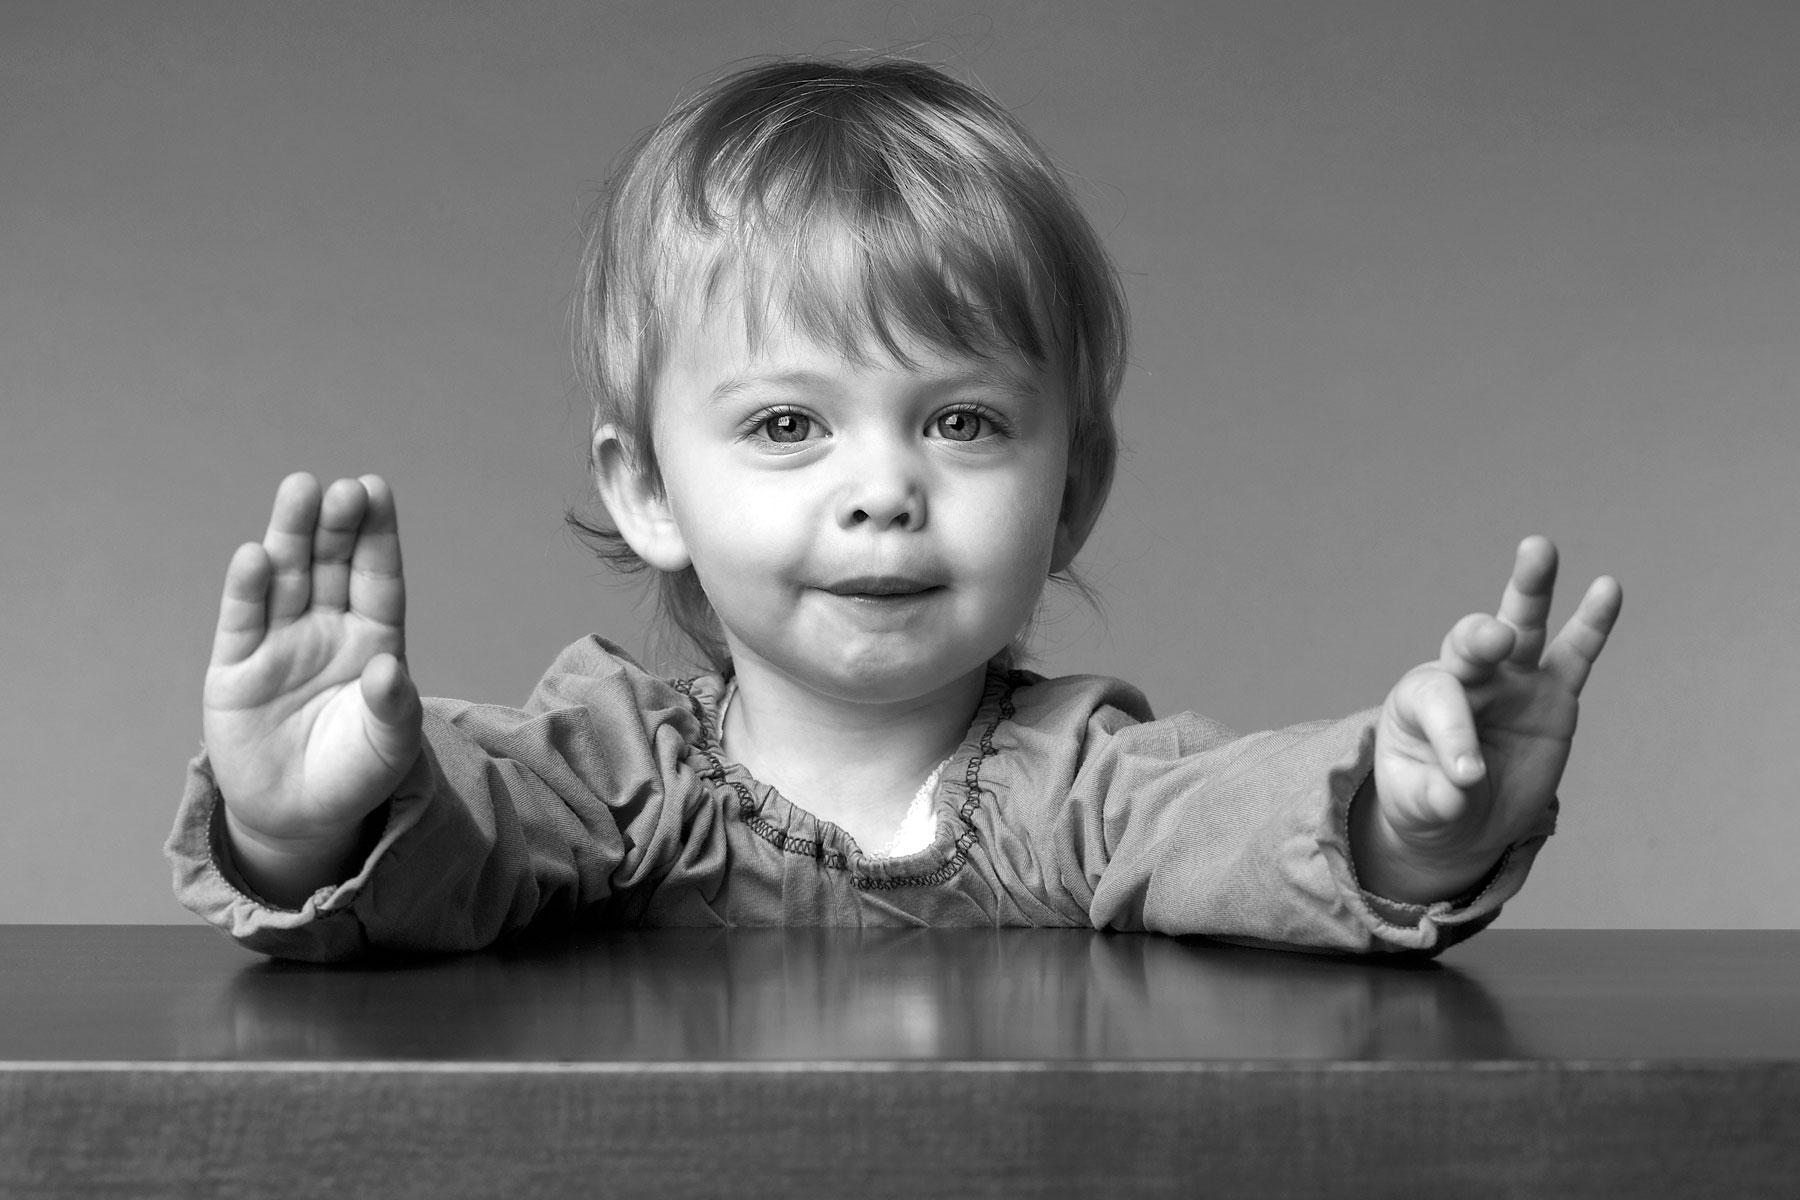 Eine Session Kinderfotografie muss auch den Kindern selbst Spaß machen.